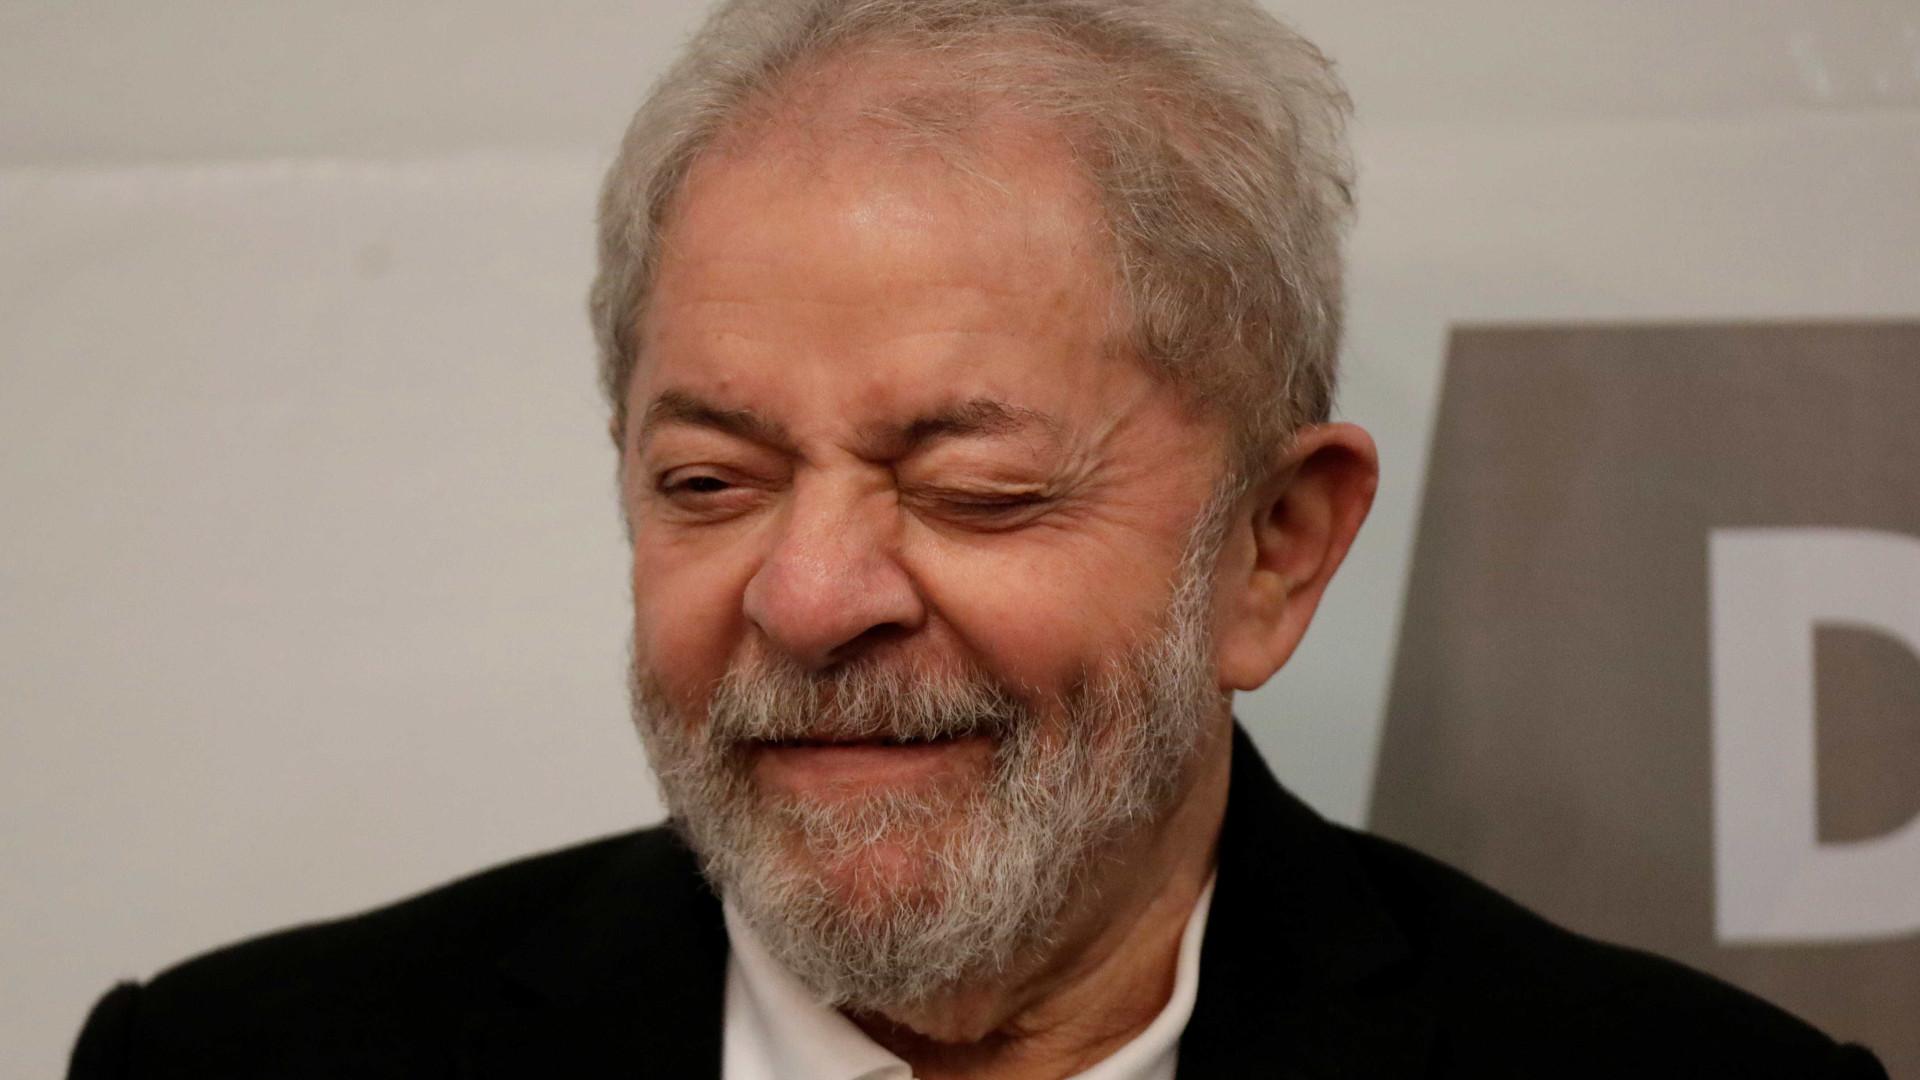 Lula deverá concorrer mesmo se condenado em 2ª instância, avalia PT